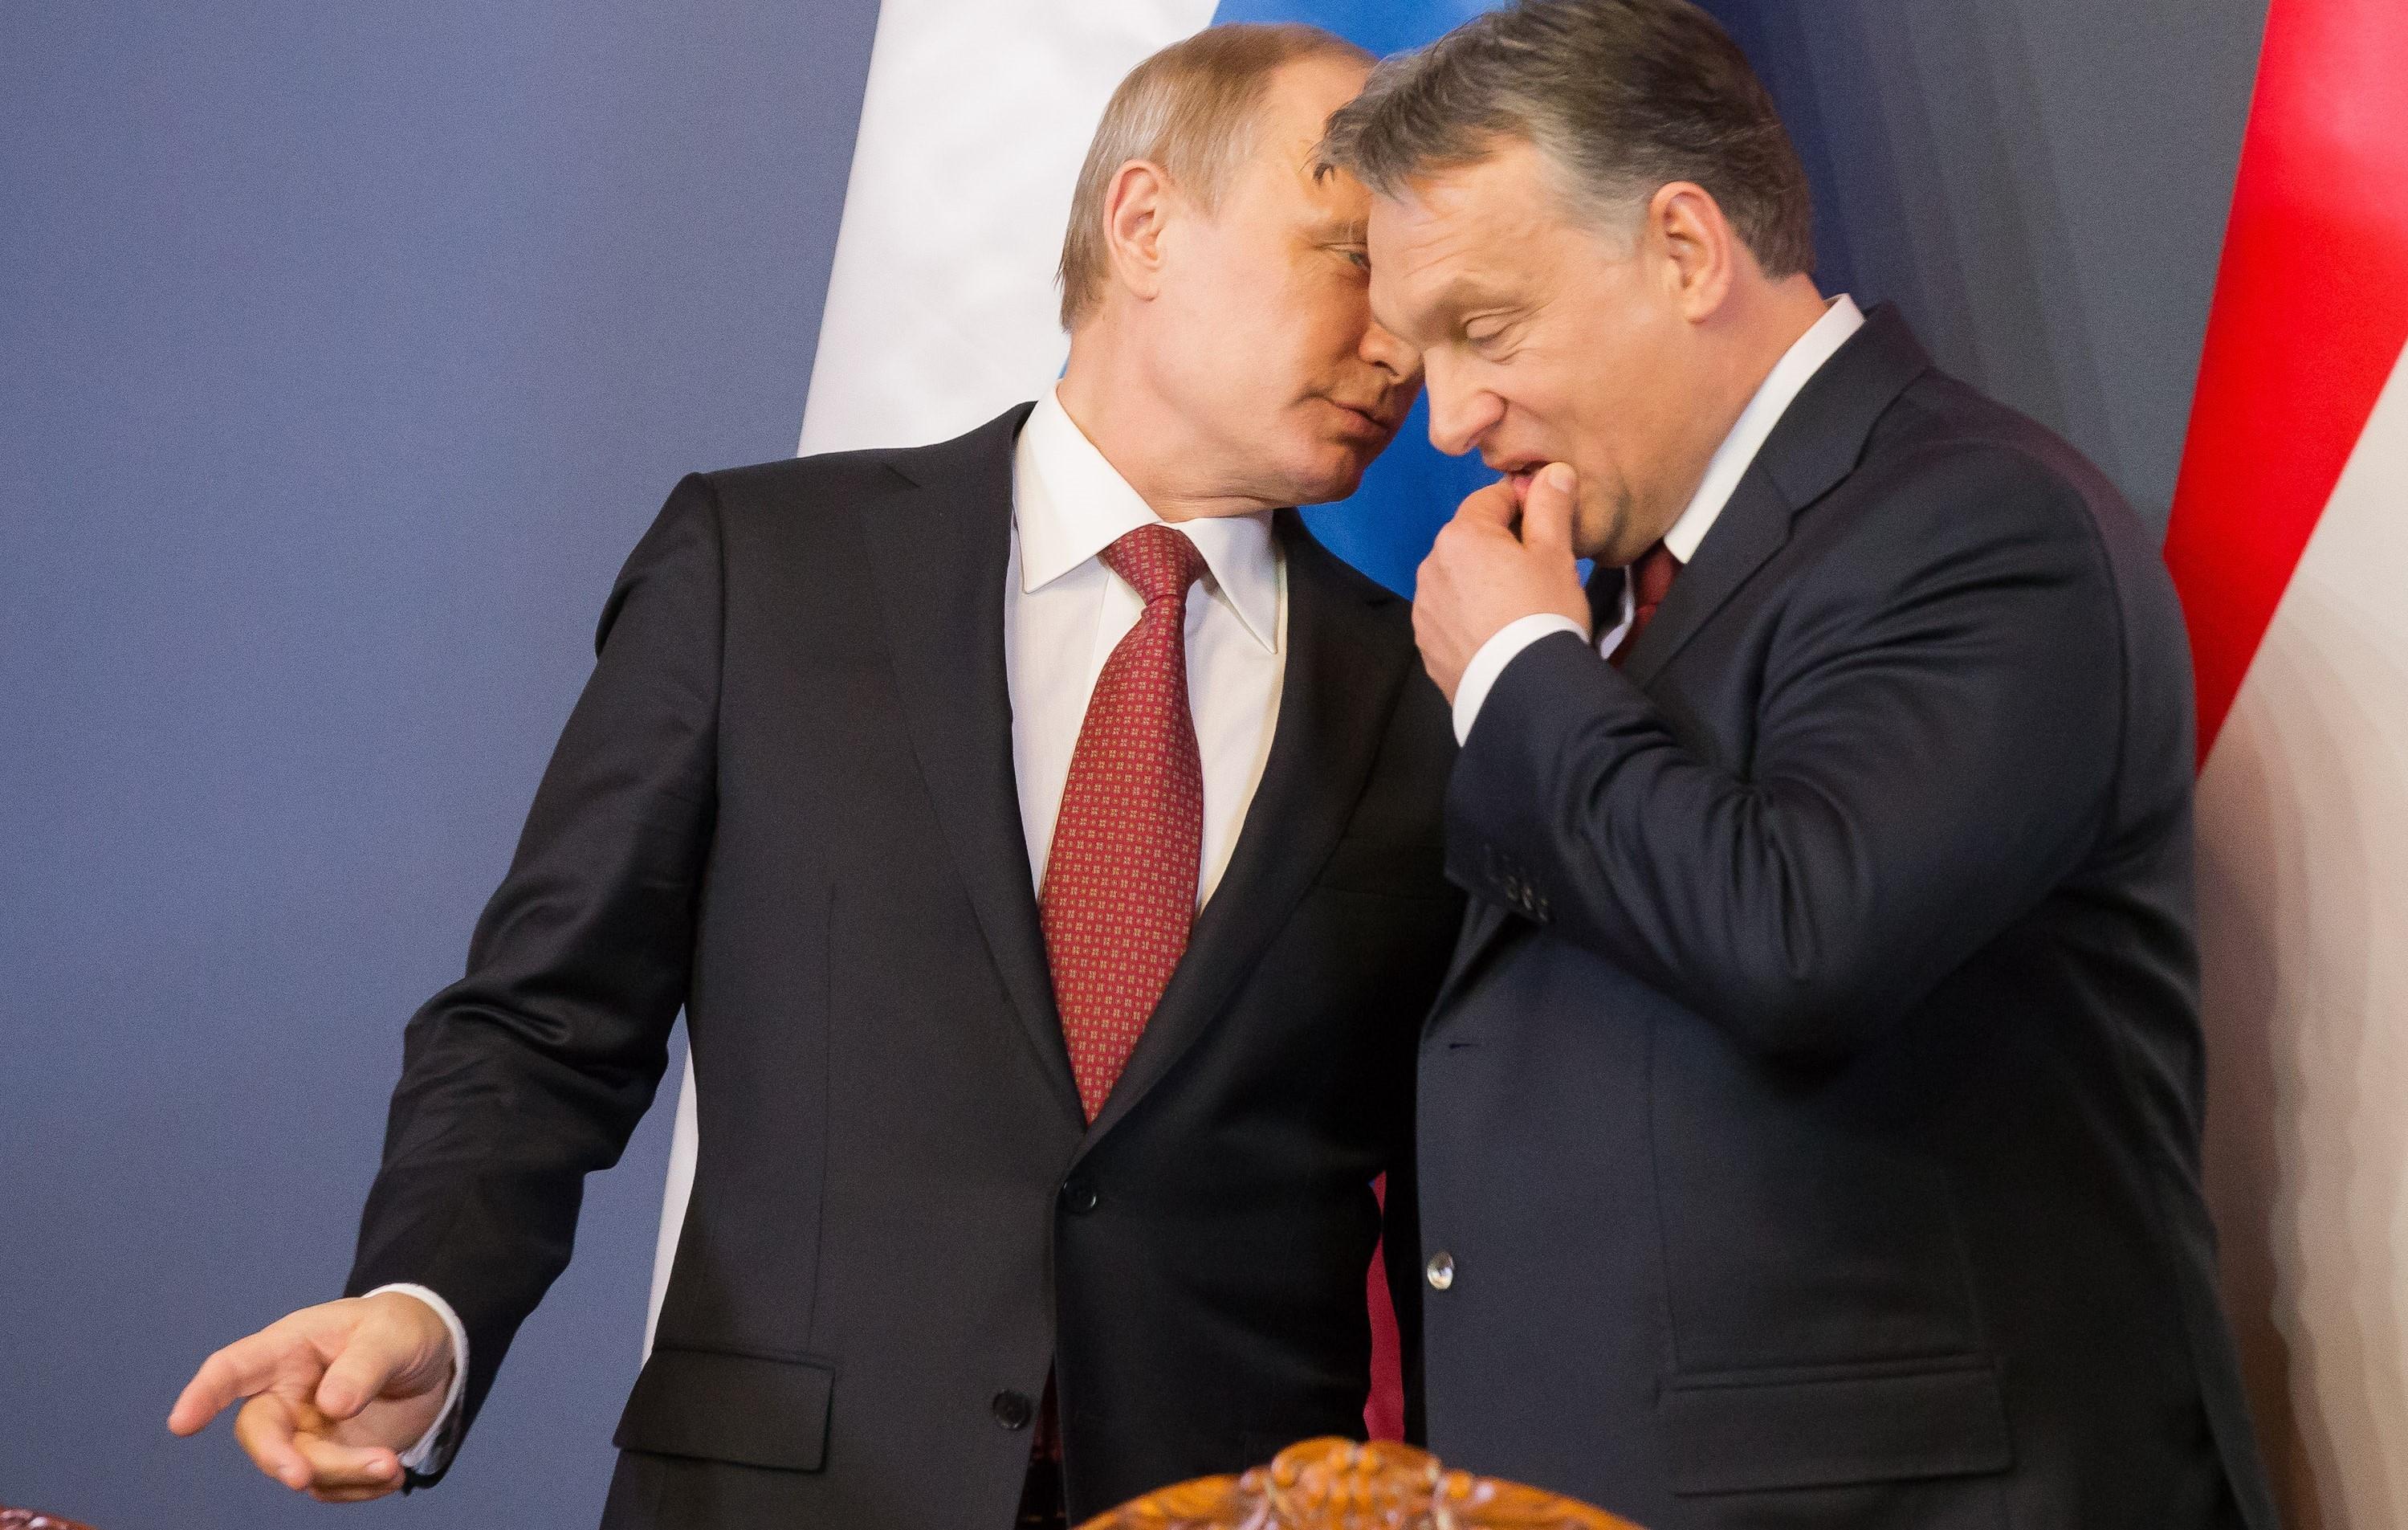 На последней встрече с Путиным Орбан получил фиаско. Ему не удалось добиться ничего. Зато Путин выжал все, что ему было нужно